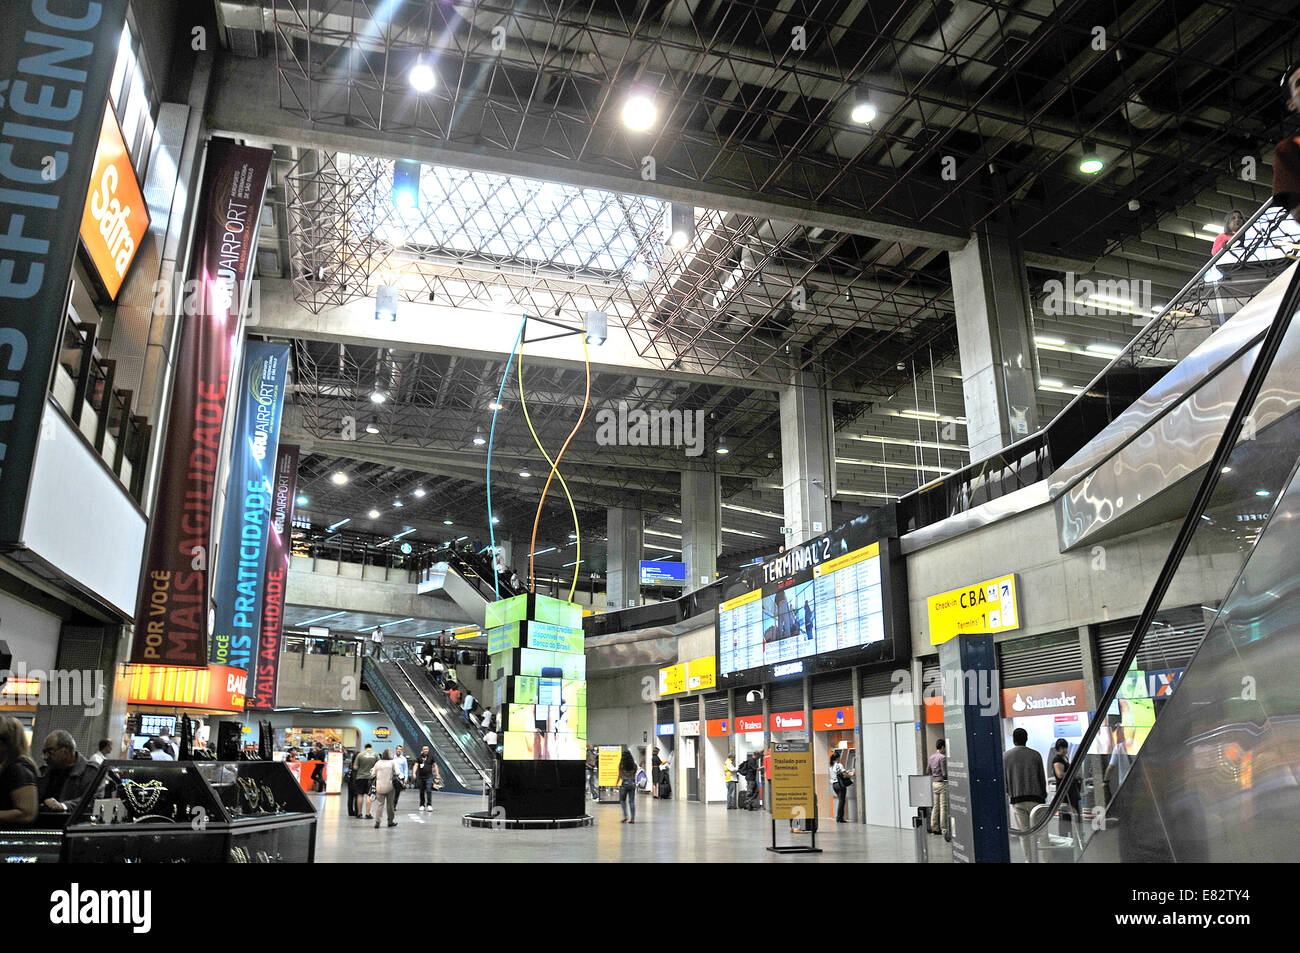 El aeropuerto internacional de Guarulhos de Sao Paulo en Brasil Imagen De Stock